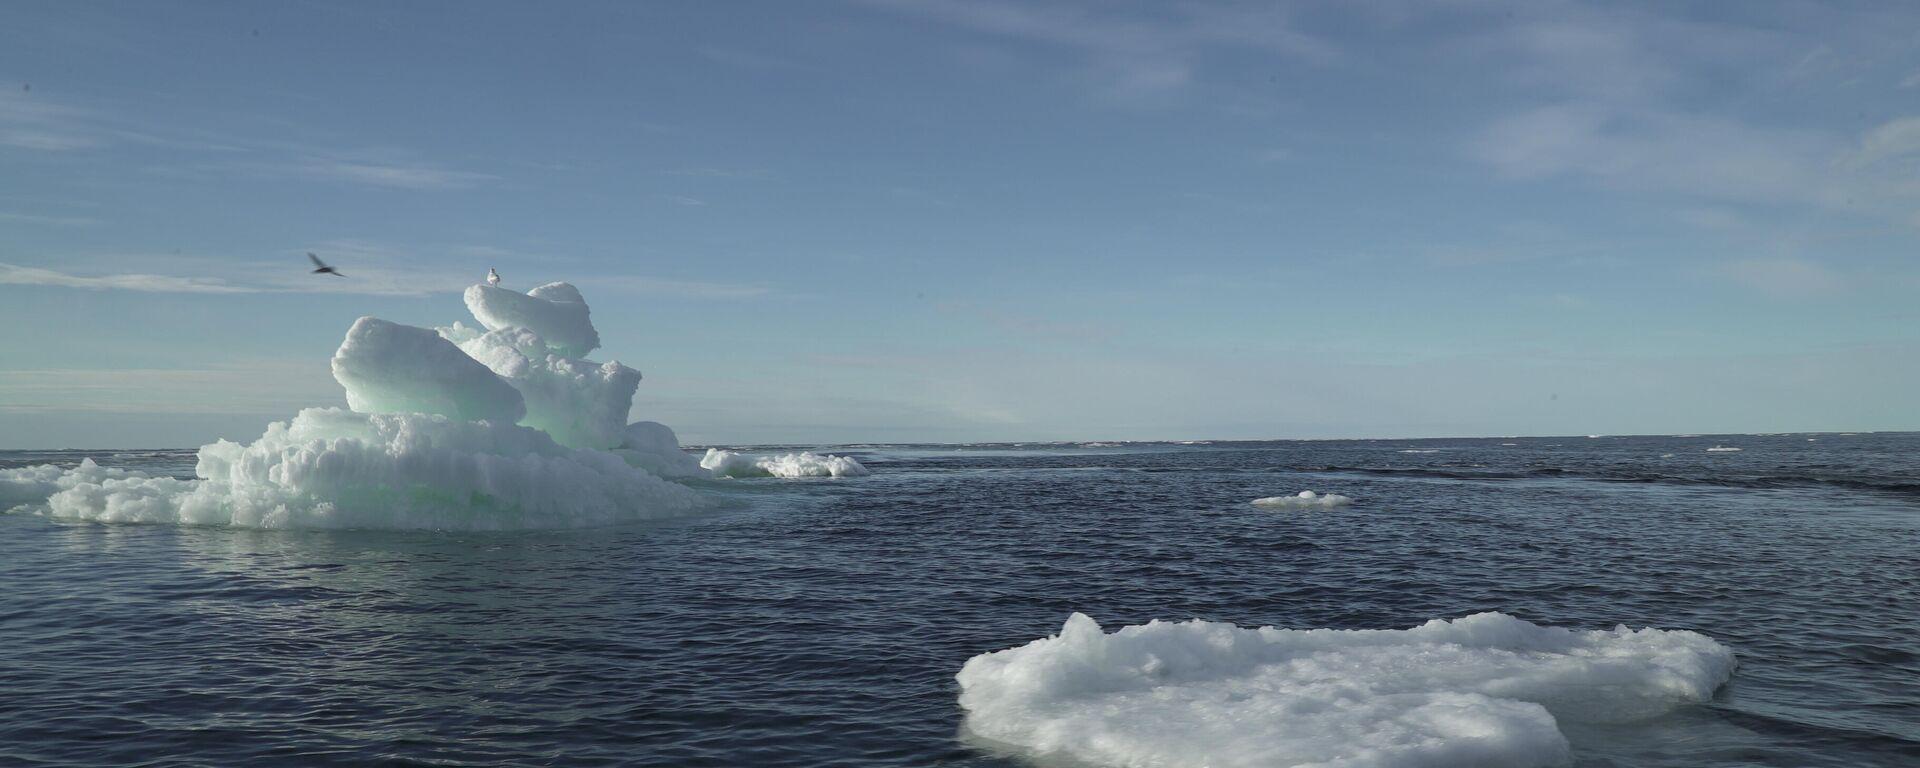 Meereis der Arktis (Symbolbild) - SNA, 1920, 08.01.2021